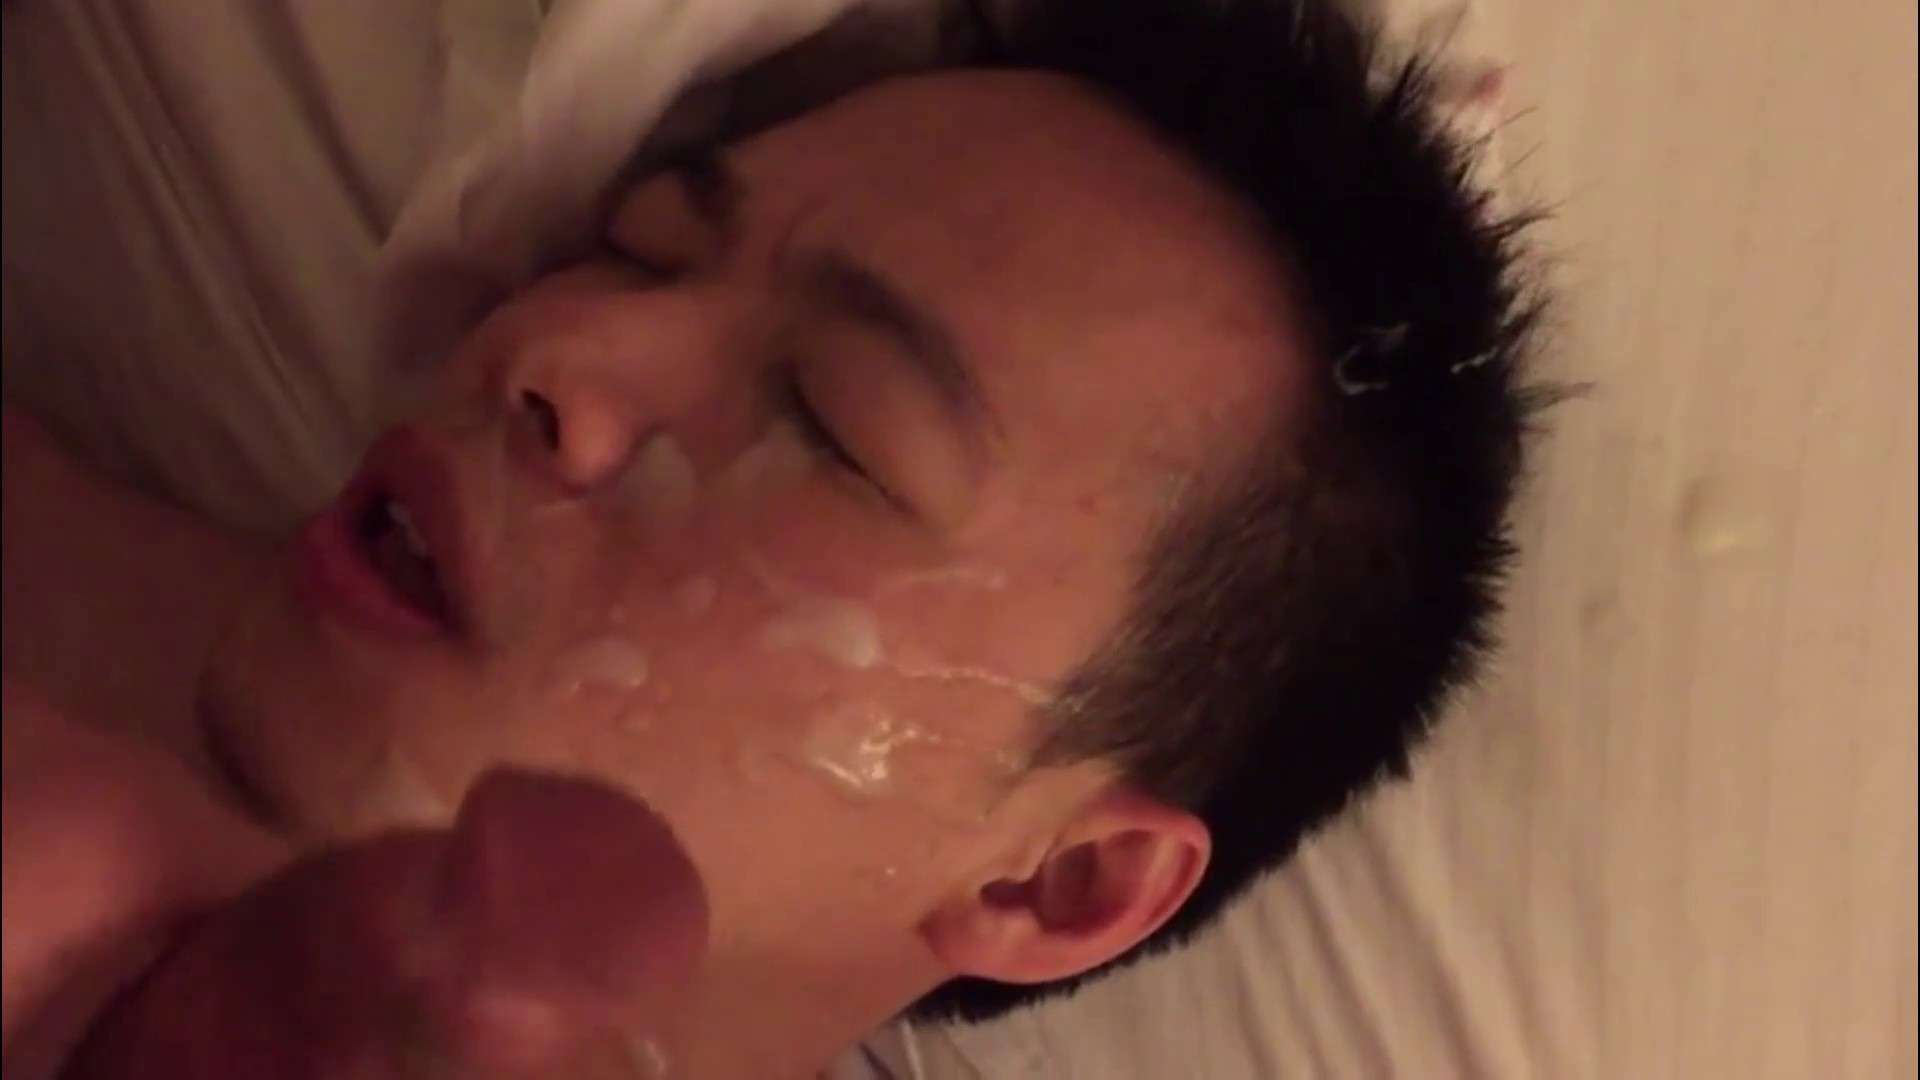 エロいフェラシーンをピックアップvol43 エロ特集 ゲイアダルトビデオ画像 108pic 84